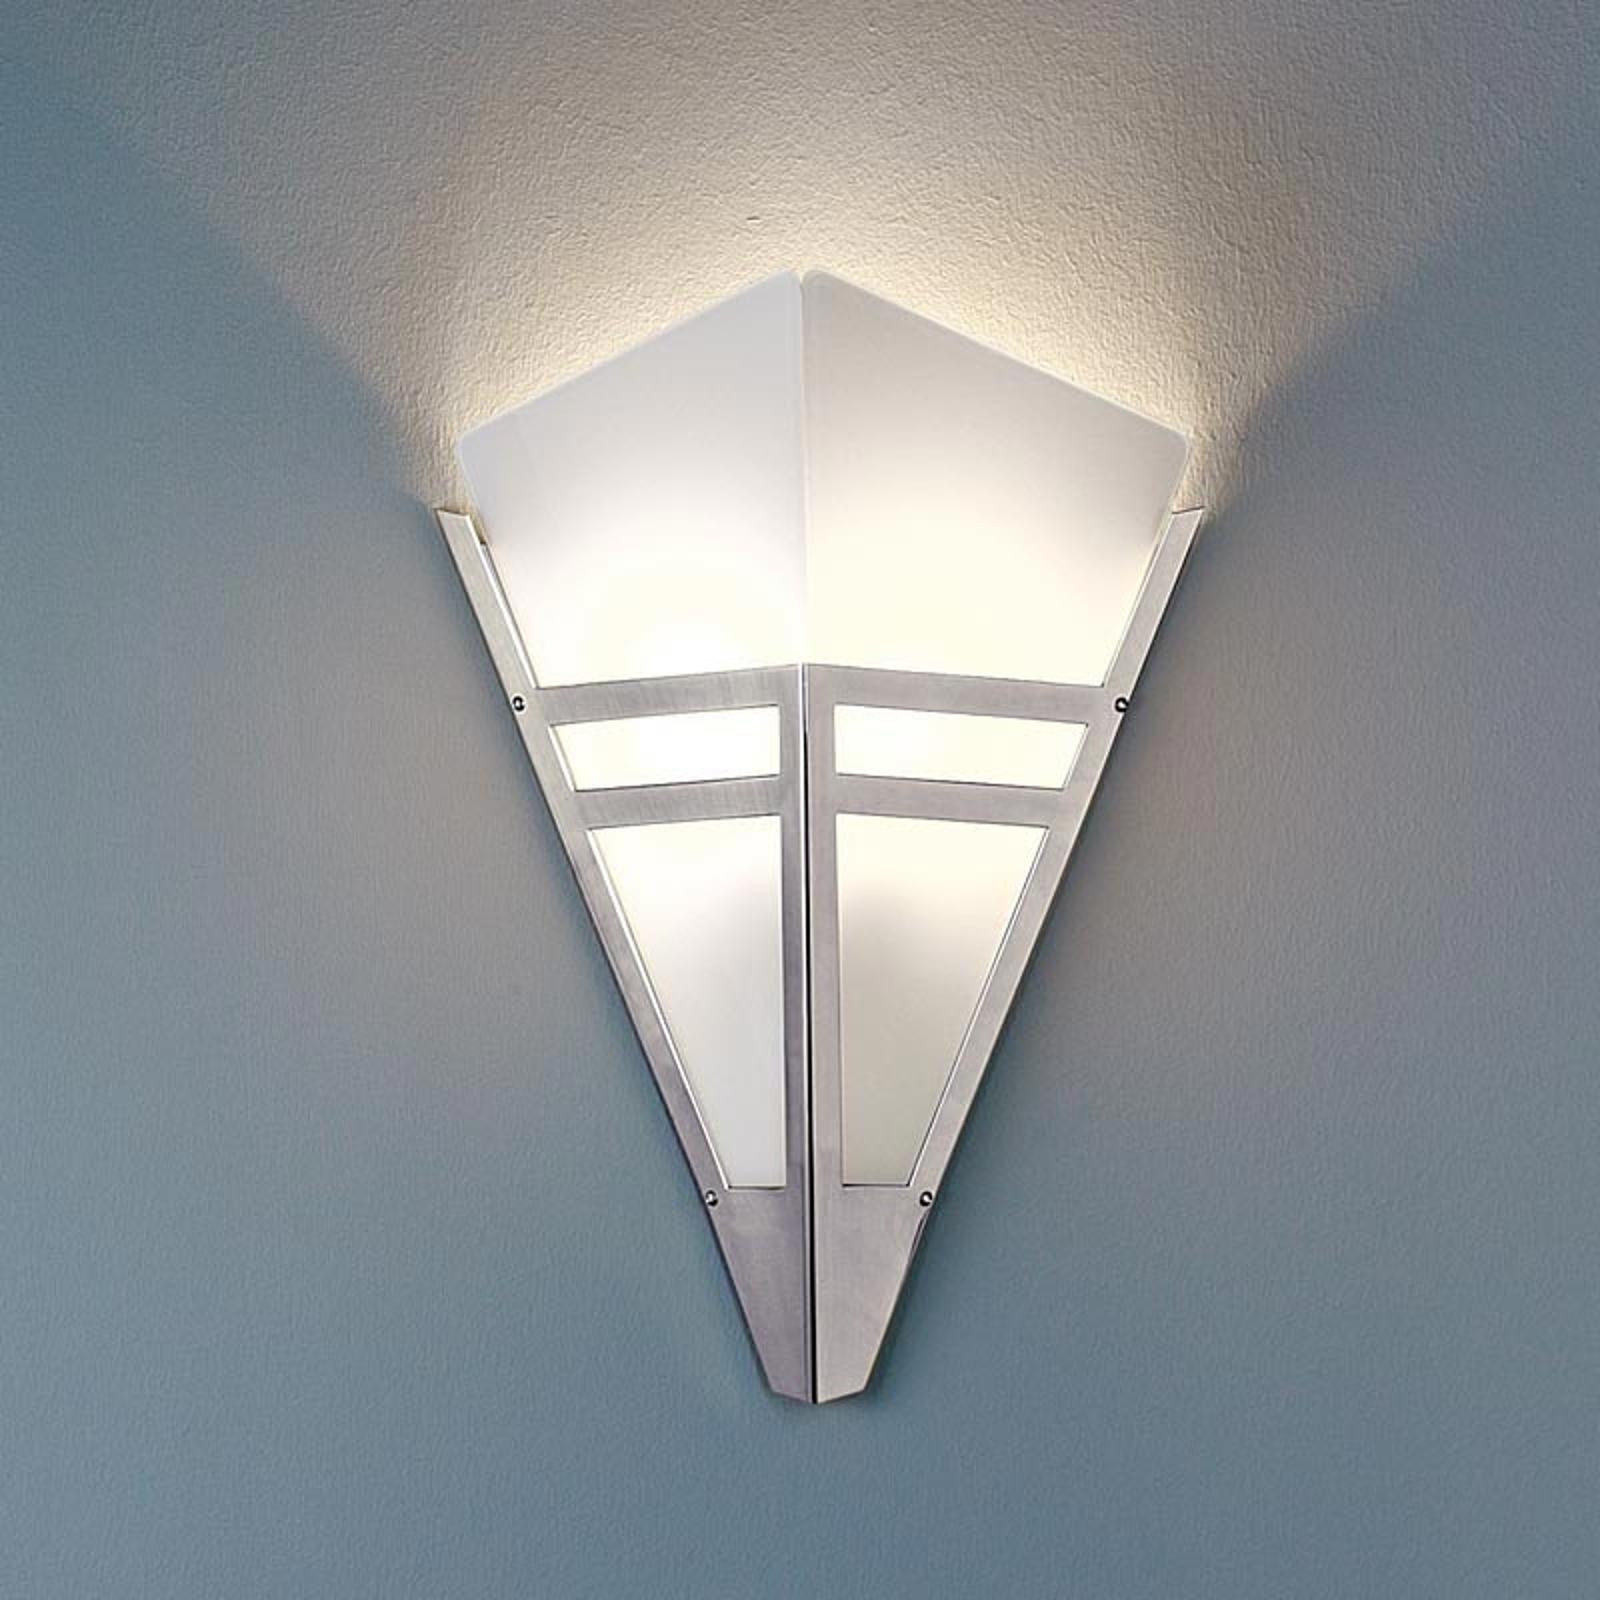 Applique in stile Art Déco 1980, metallo cromato